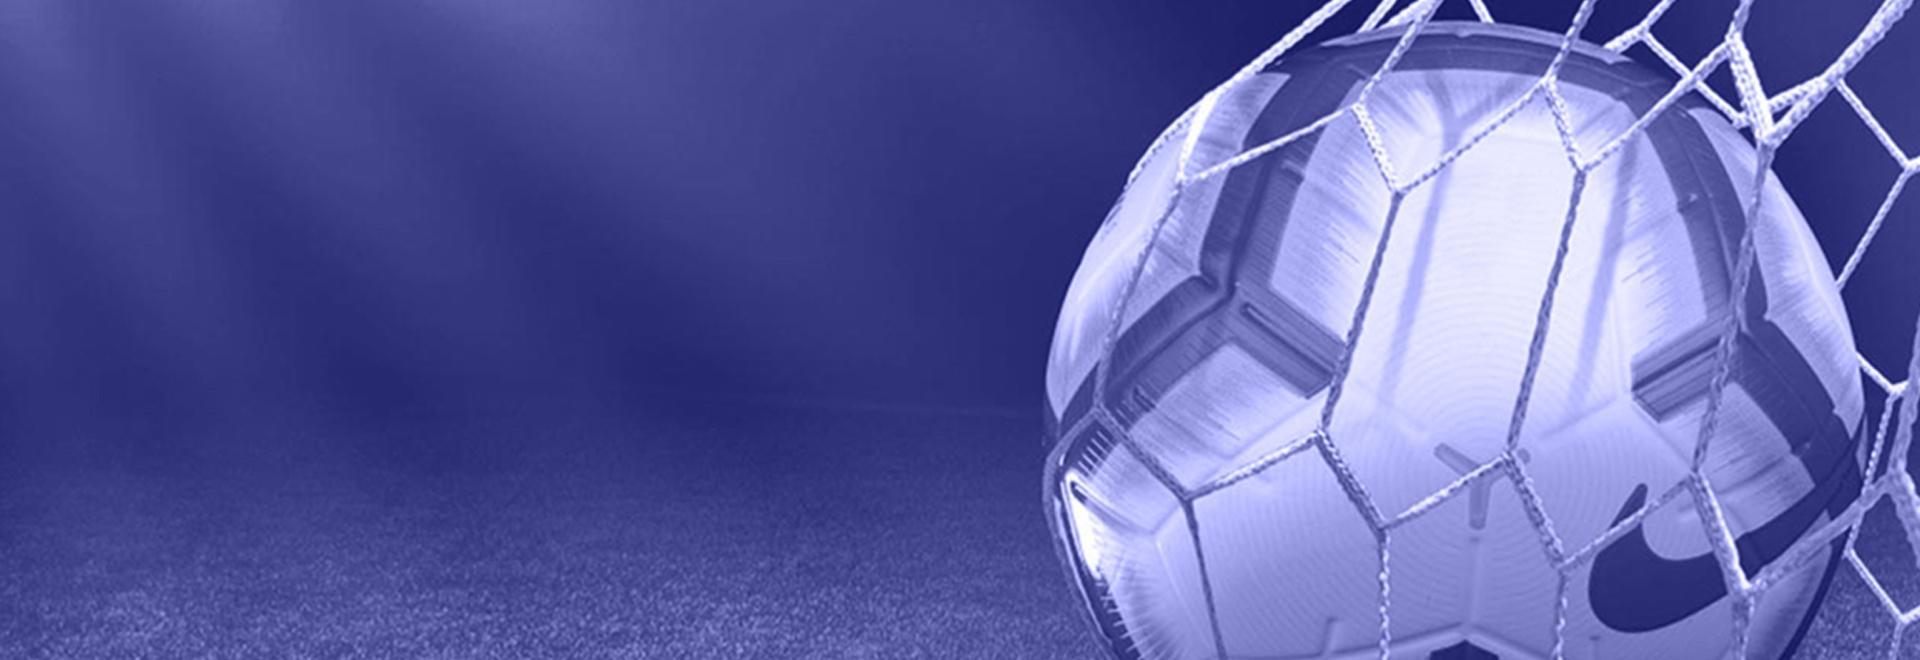 Roma - Fiorentina 25/04/12